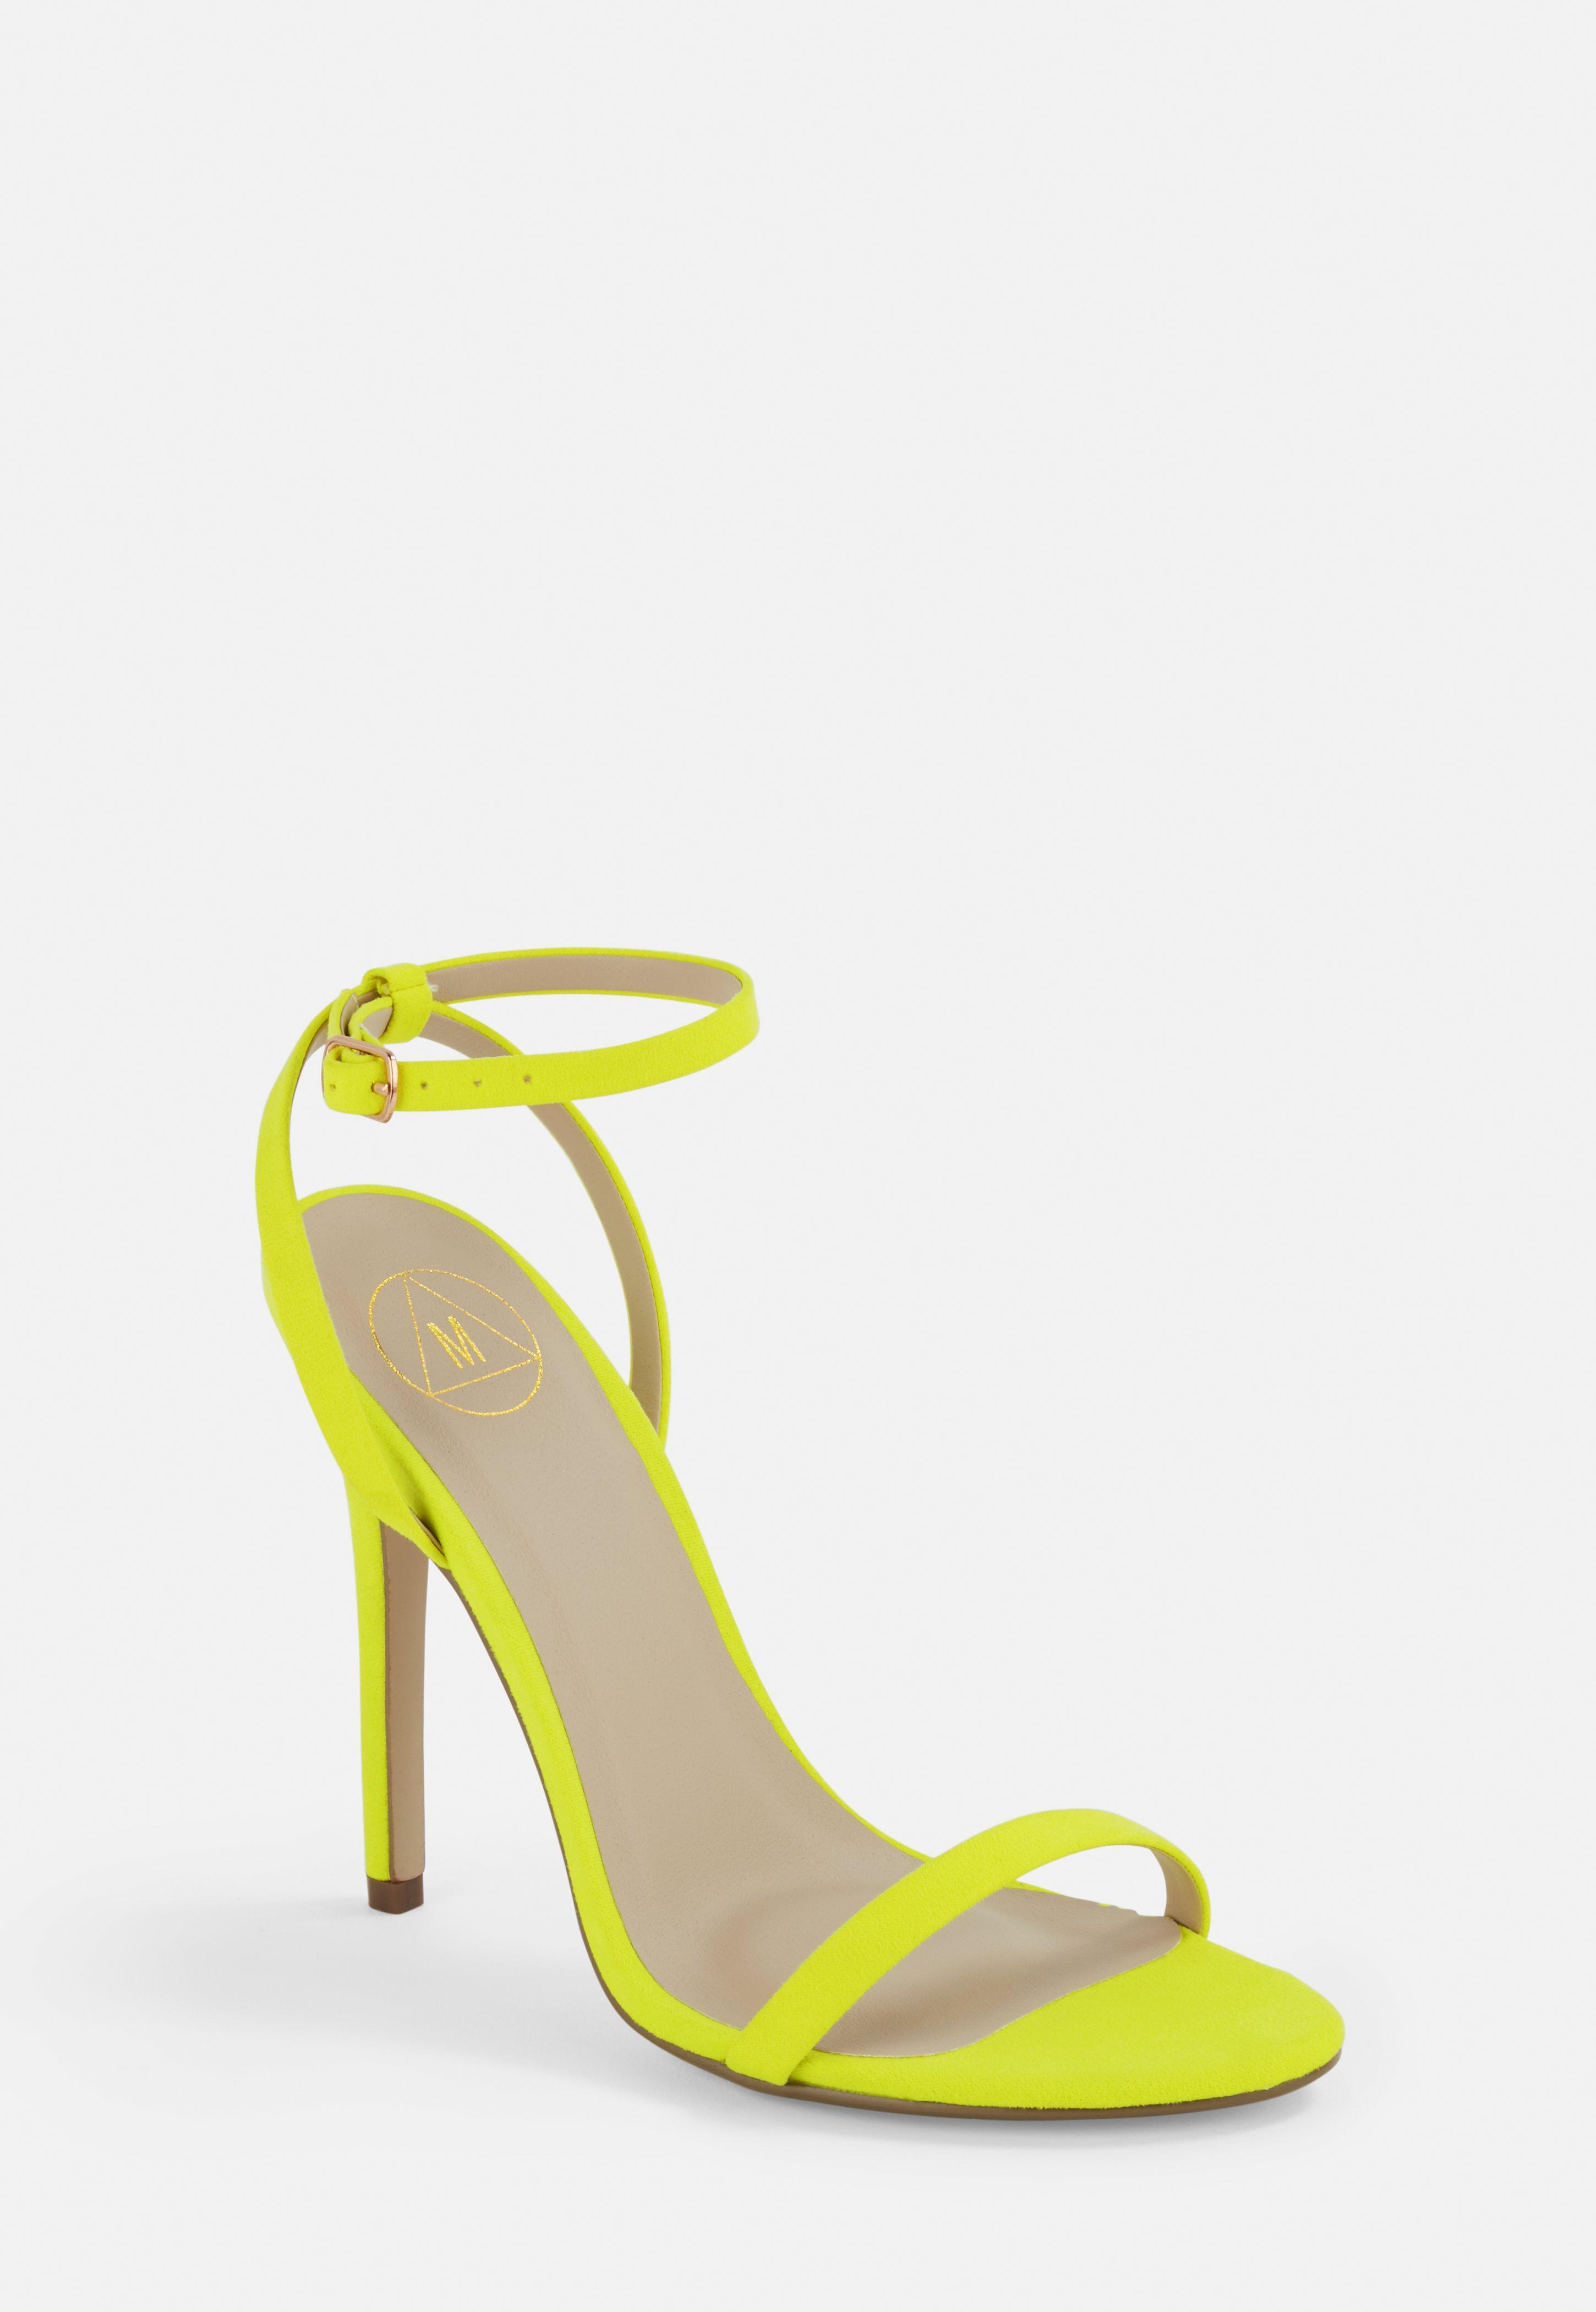 71b9f278fd36 Heeled Sandals